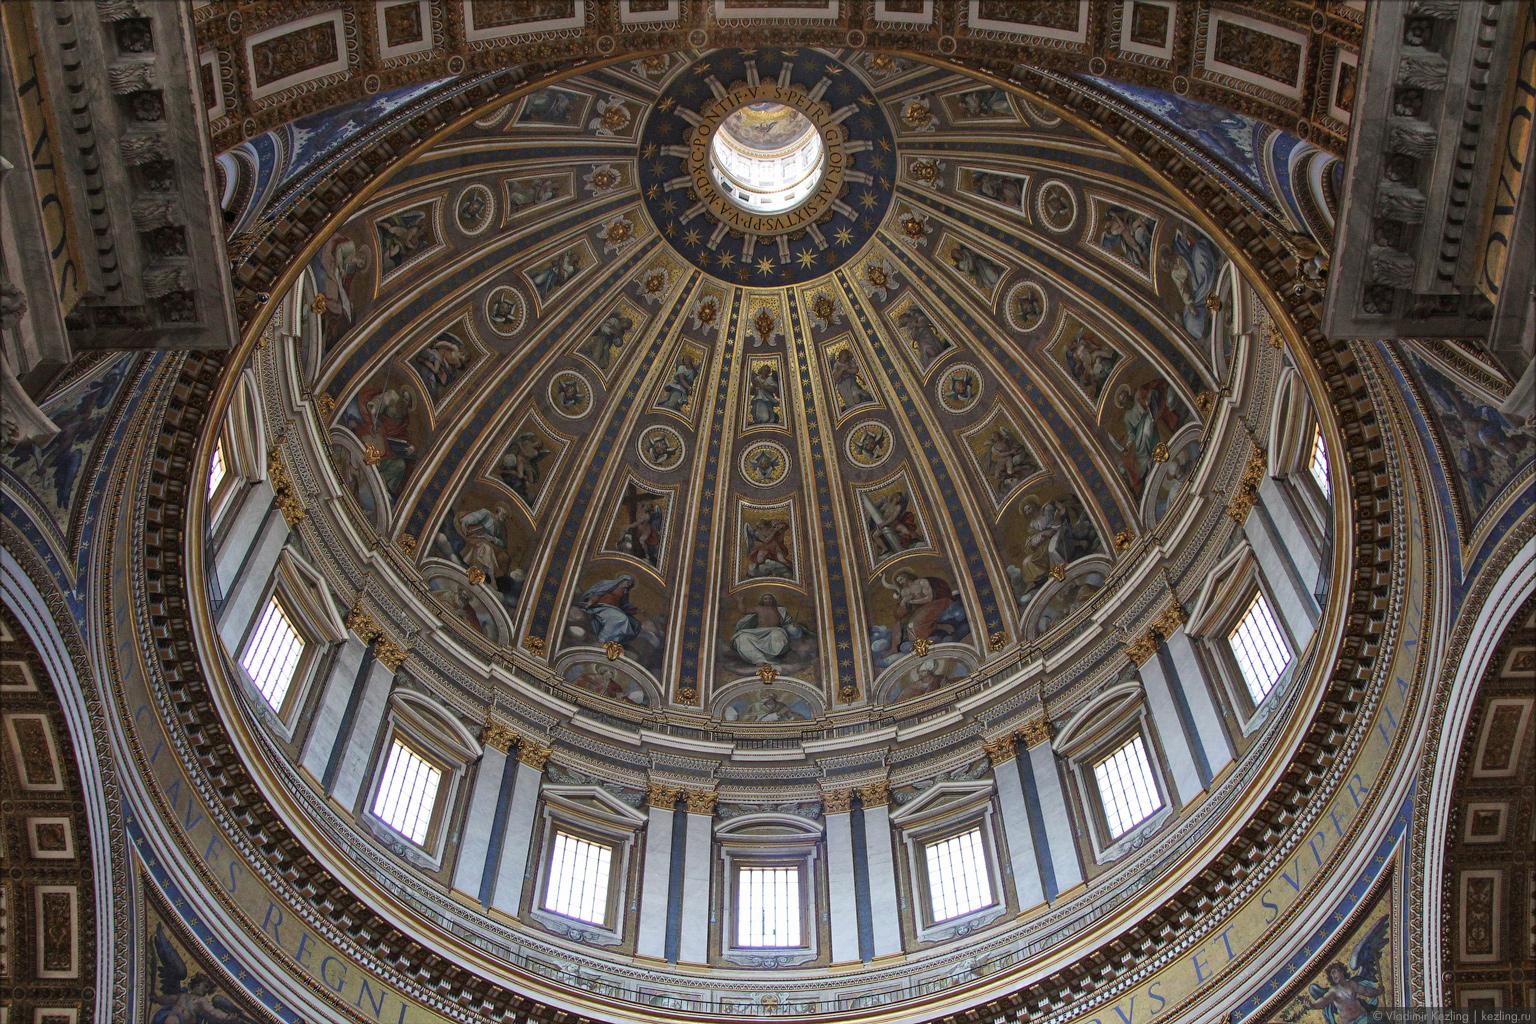 Собор Святого Петра / Итальянские каникулы / Владимир Кезлинг